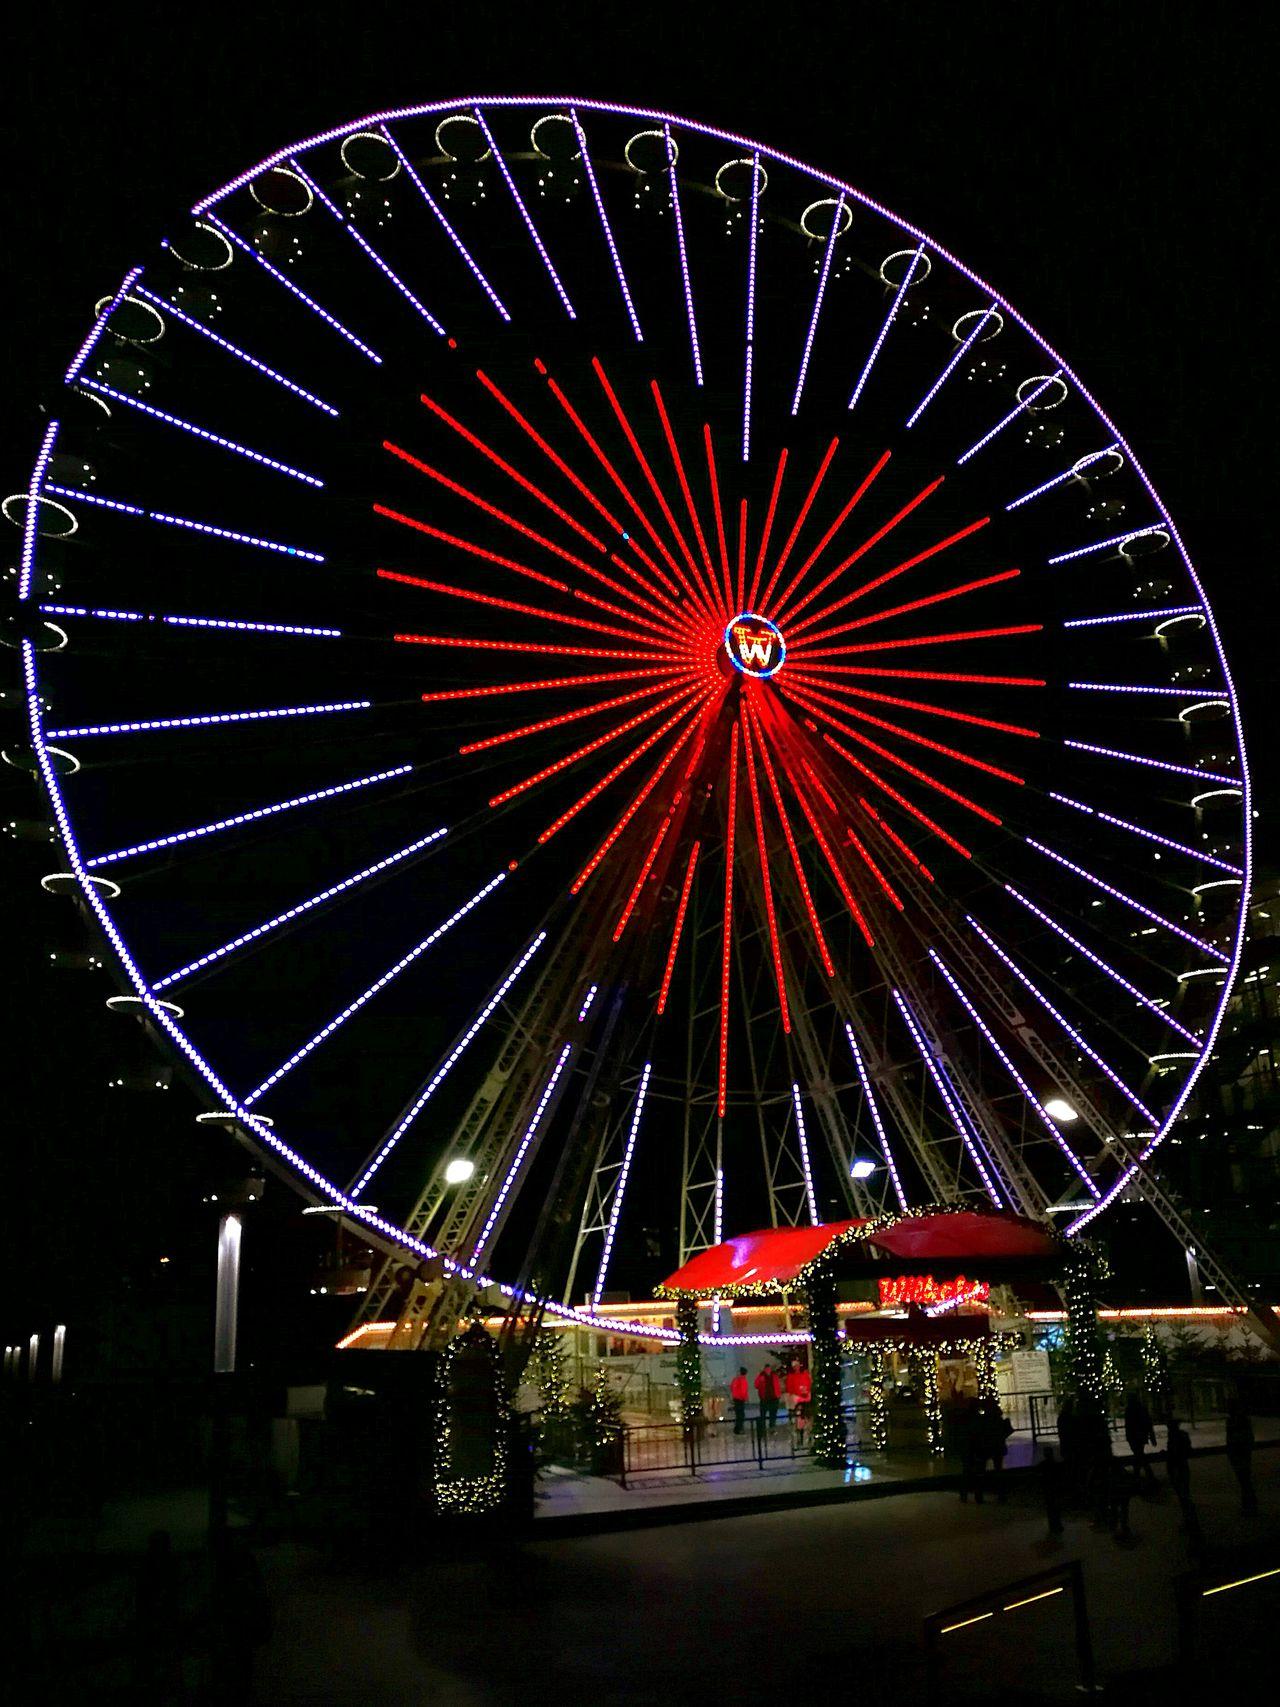 Ferris Wheel Riesenrad чертово_колесо Christmastime Weihnachten Weihnachtsmarkt Fest Holidays праздник рождество любовь Love Liebe Essen